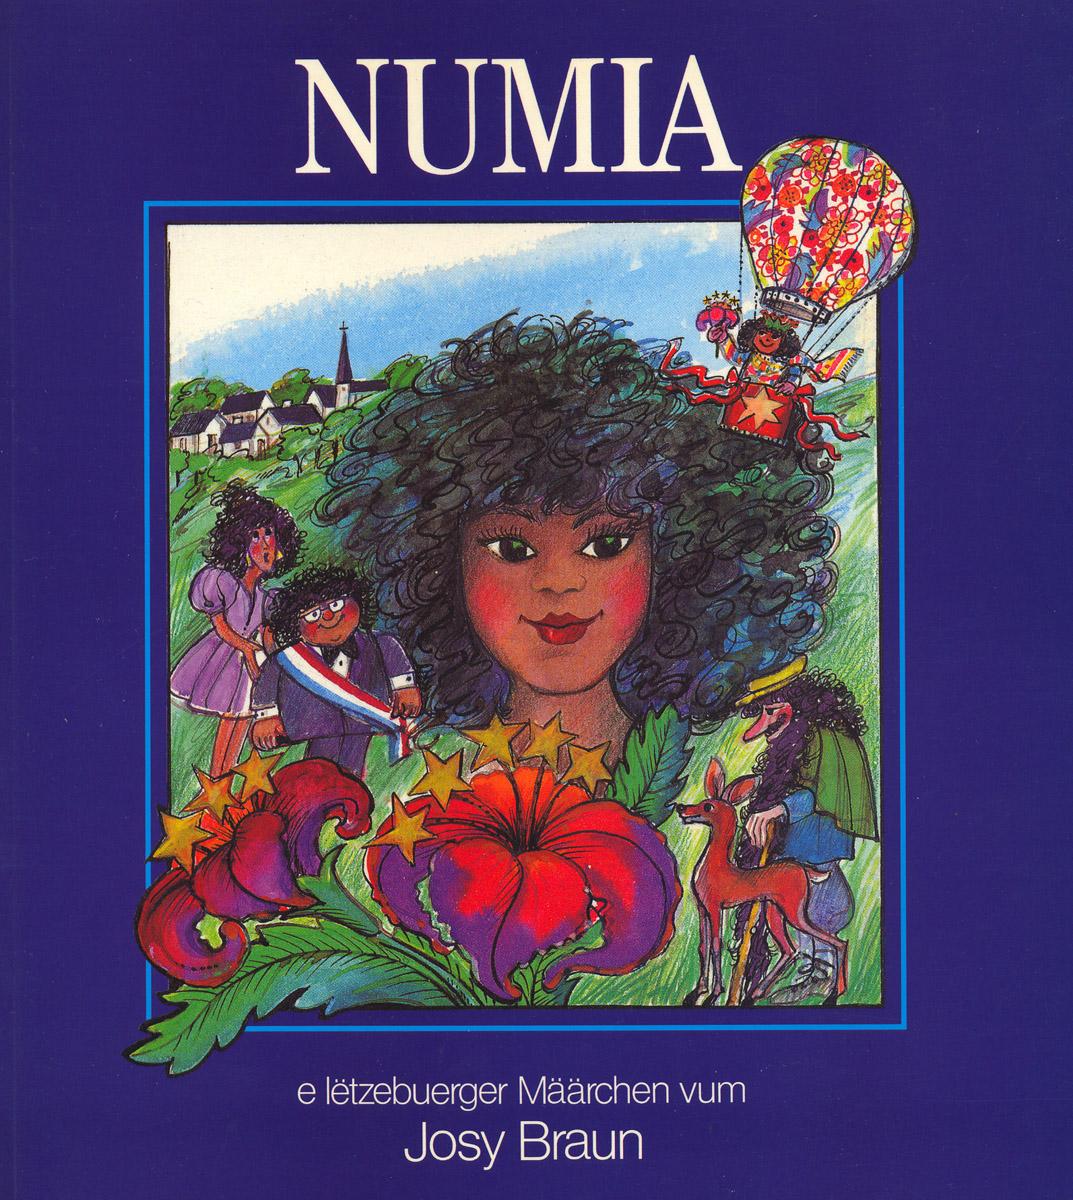 Livre pour enfants NUMIA 1992 texte Josy Braun Illustrations Anne Weyer